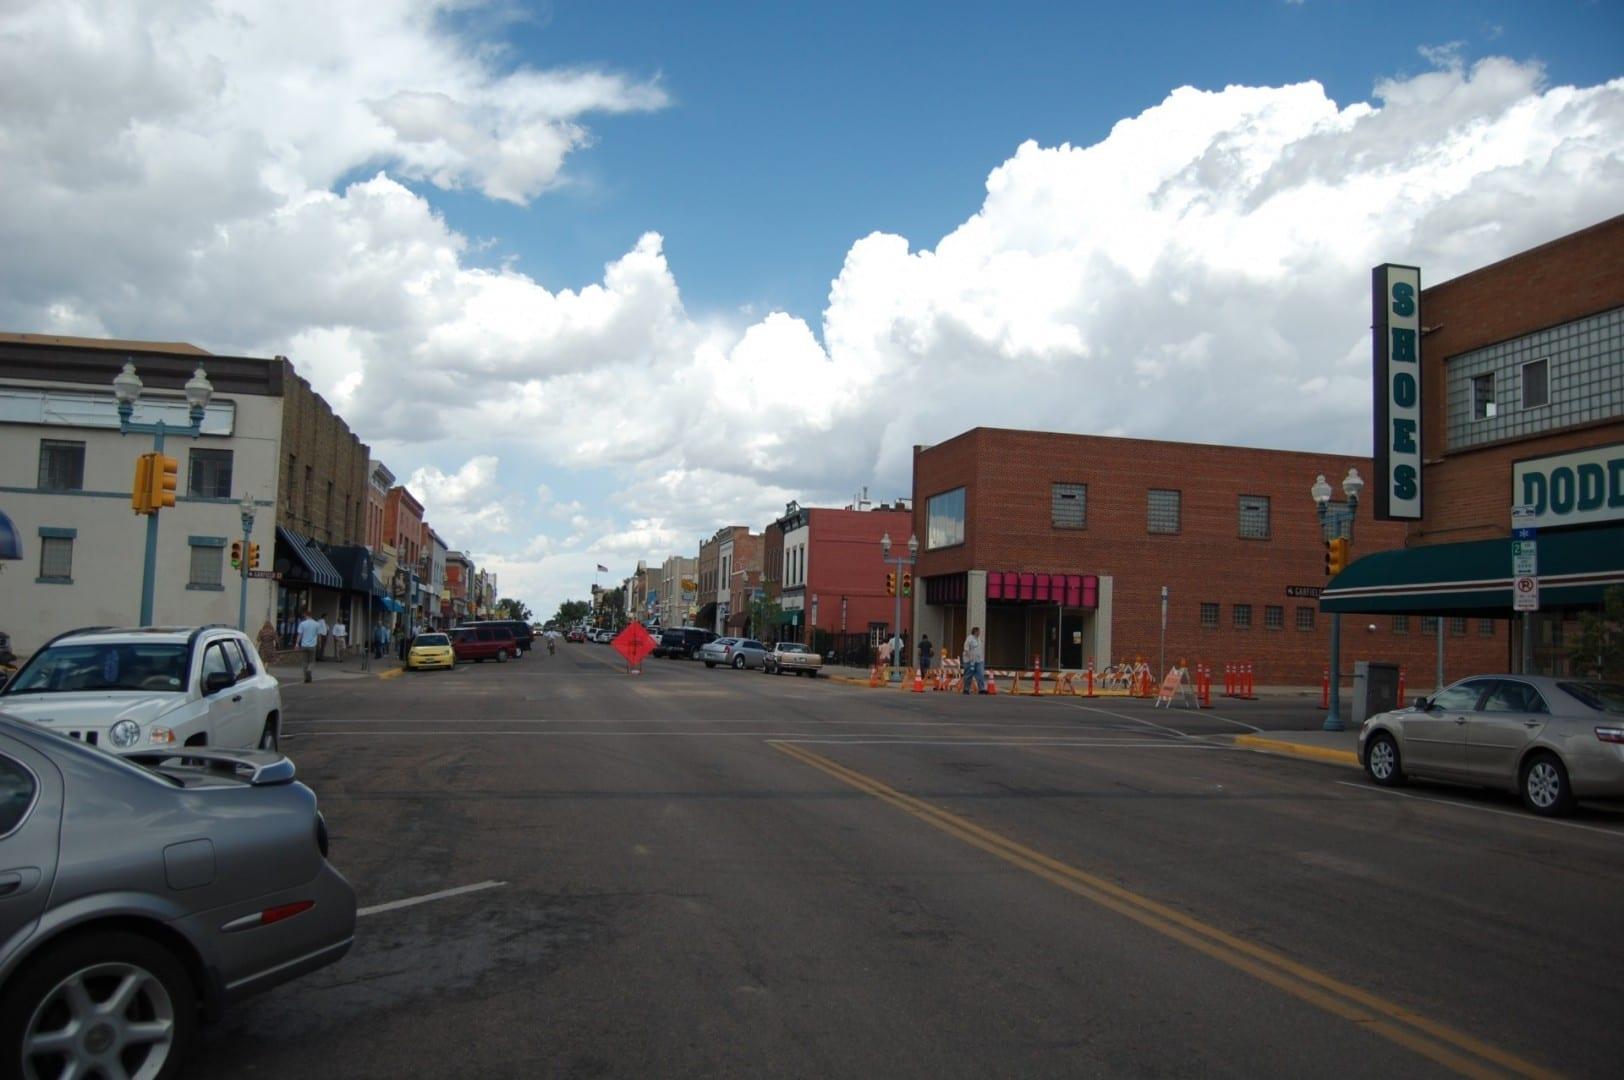 Centro de Laramie Laramie WY Estados Unidos